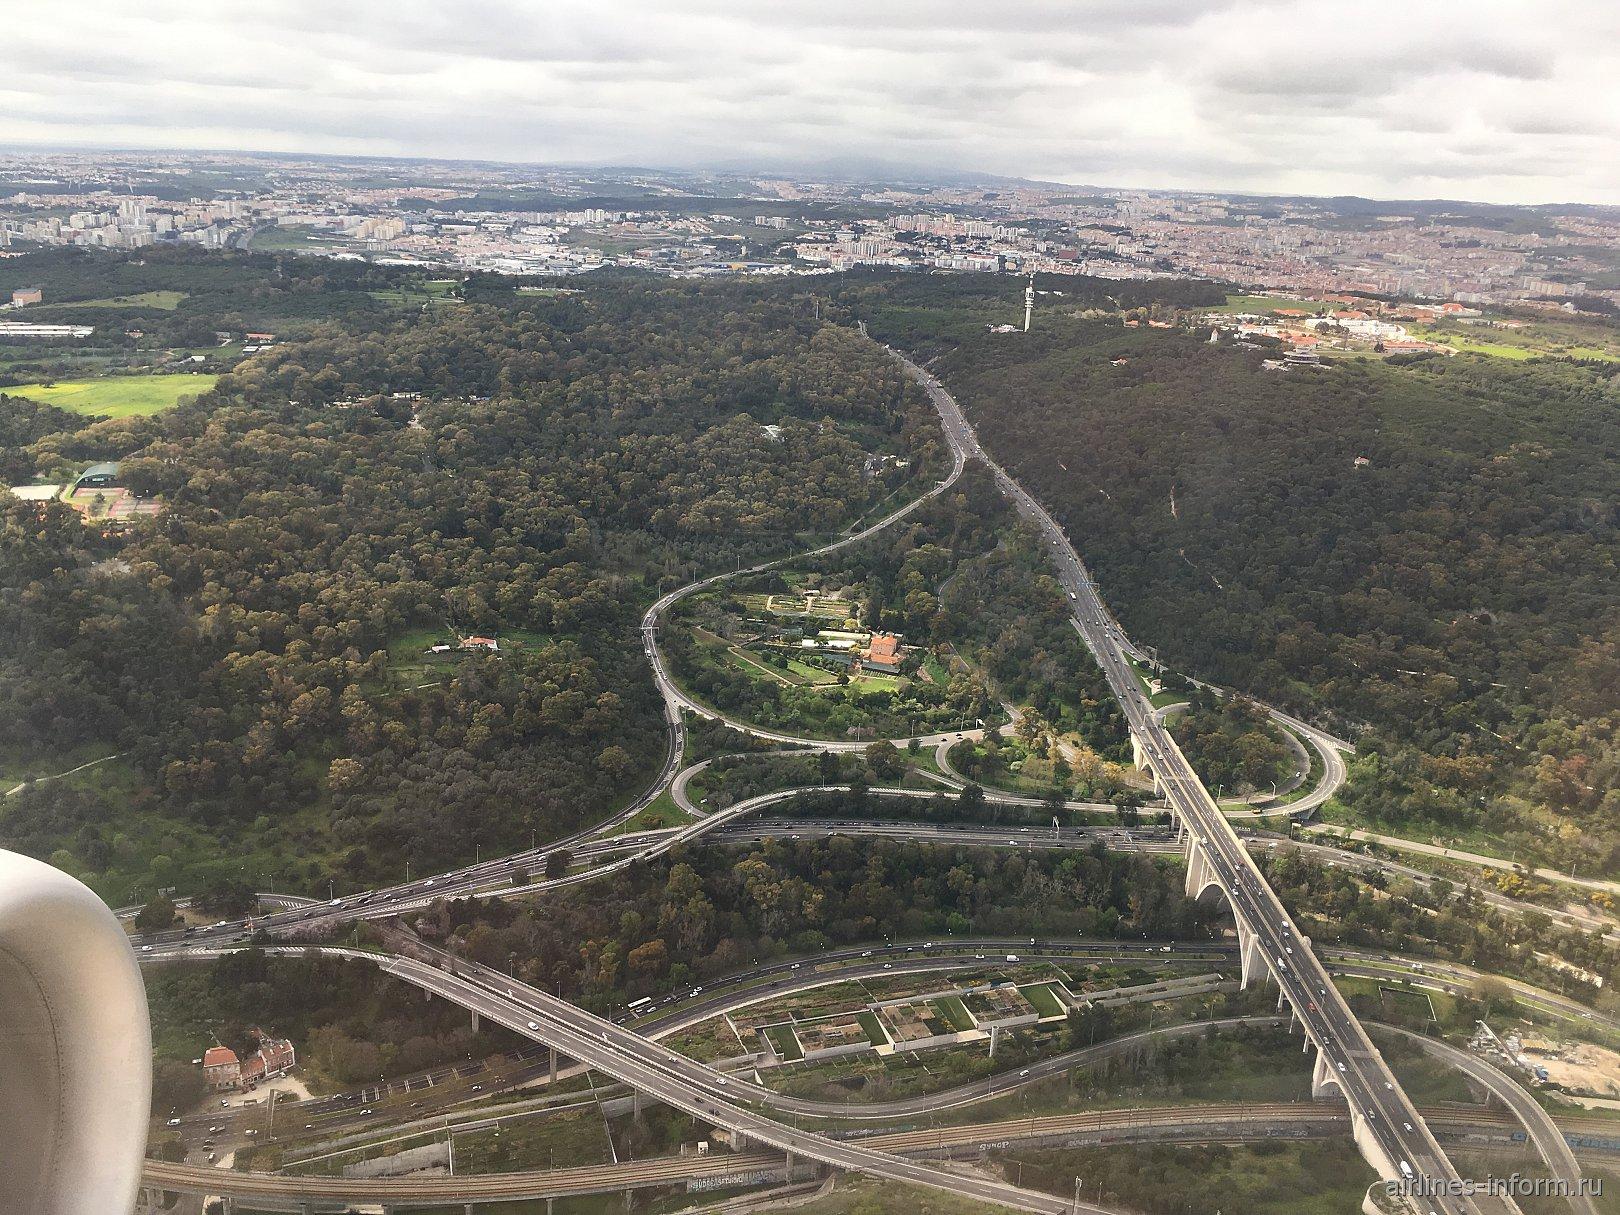 Транспортные развязки в Лиссабоне